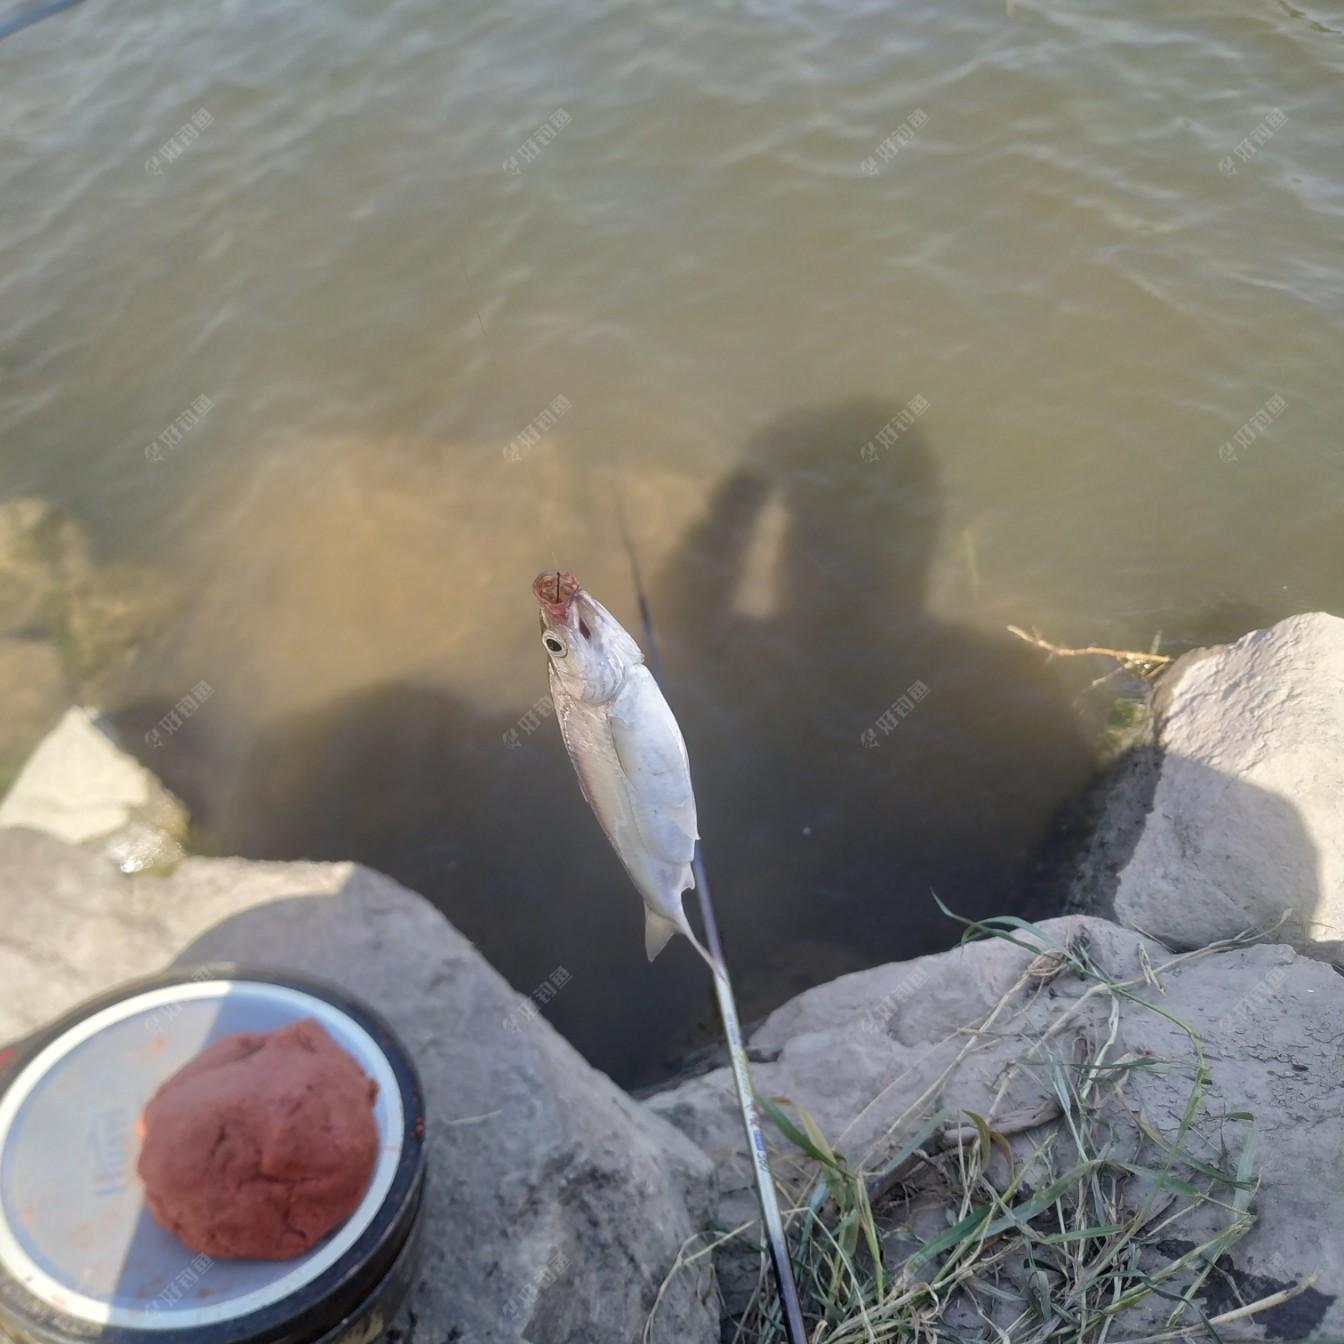 我和田大师他们在一起钓鱼,这是开竿鱼。溪哥一尾!